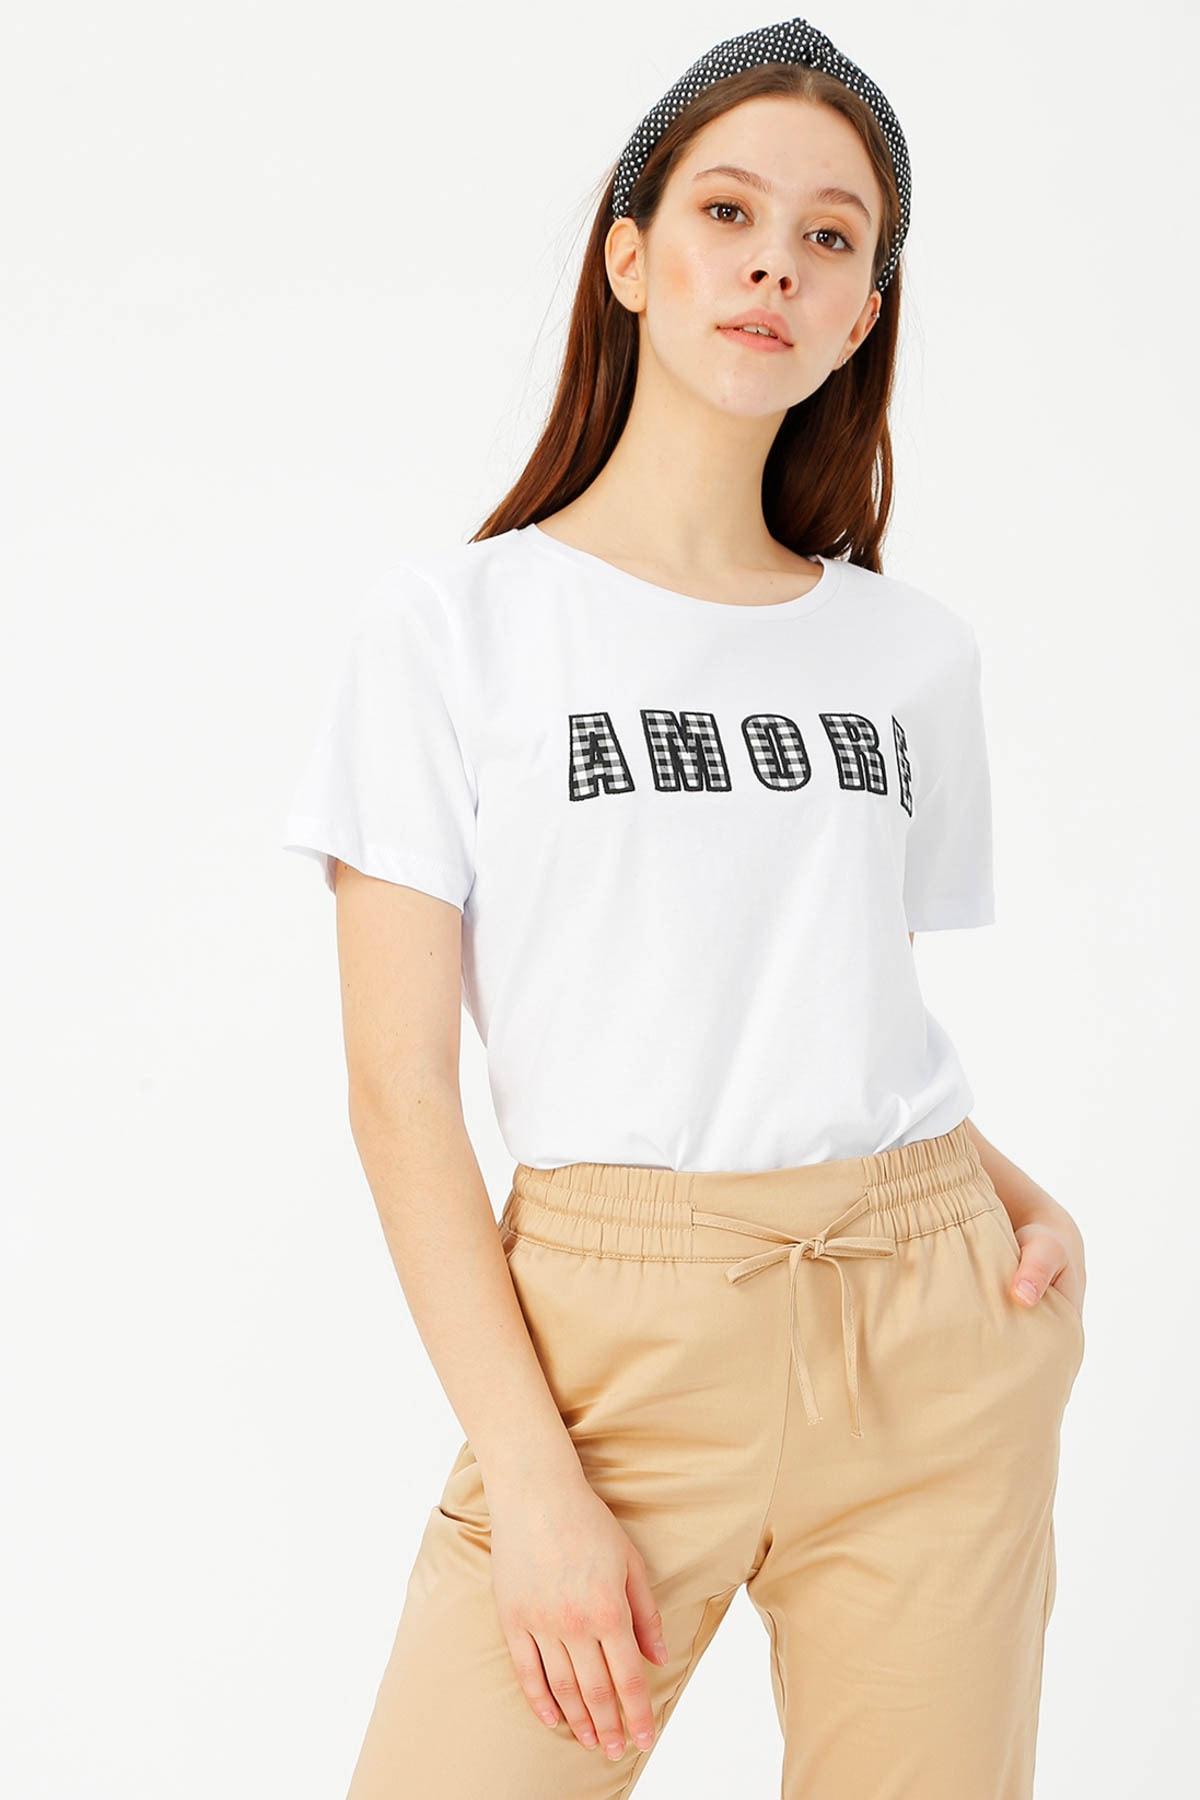 LİMON COMPANY Kadın Beyaz Tişört 504393944 Boyner 1